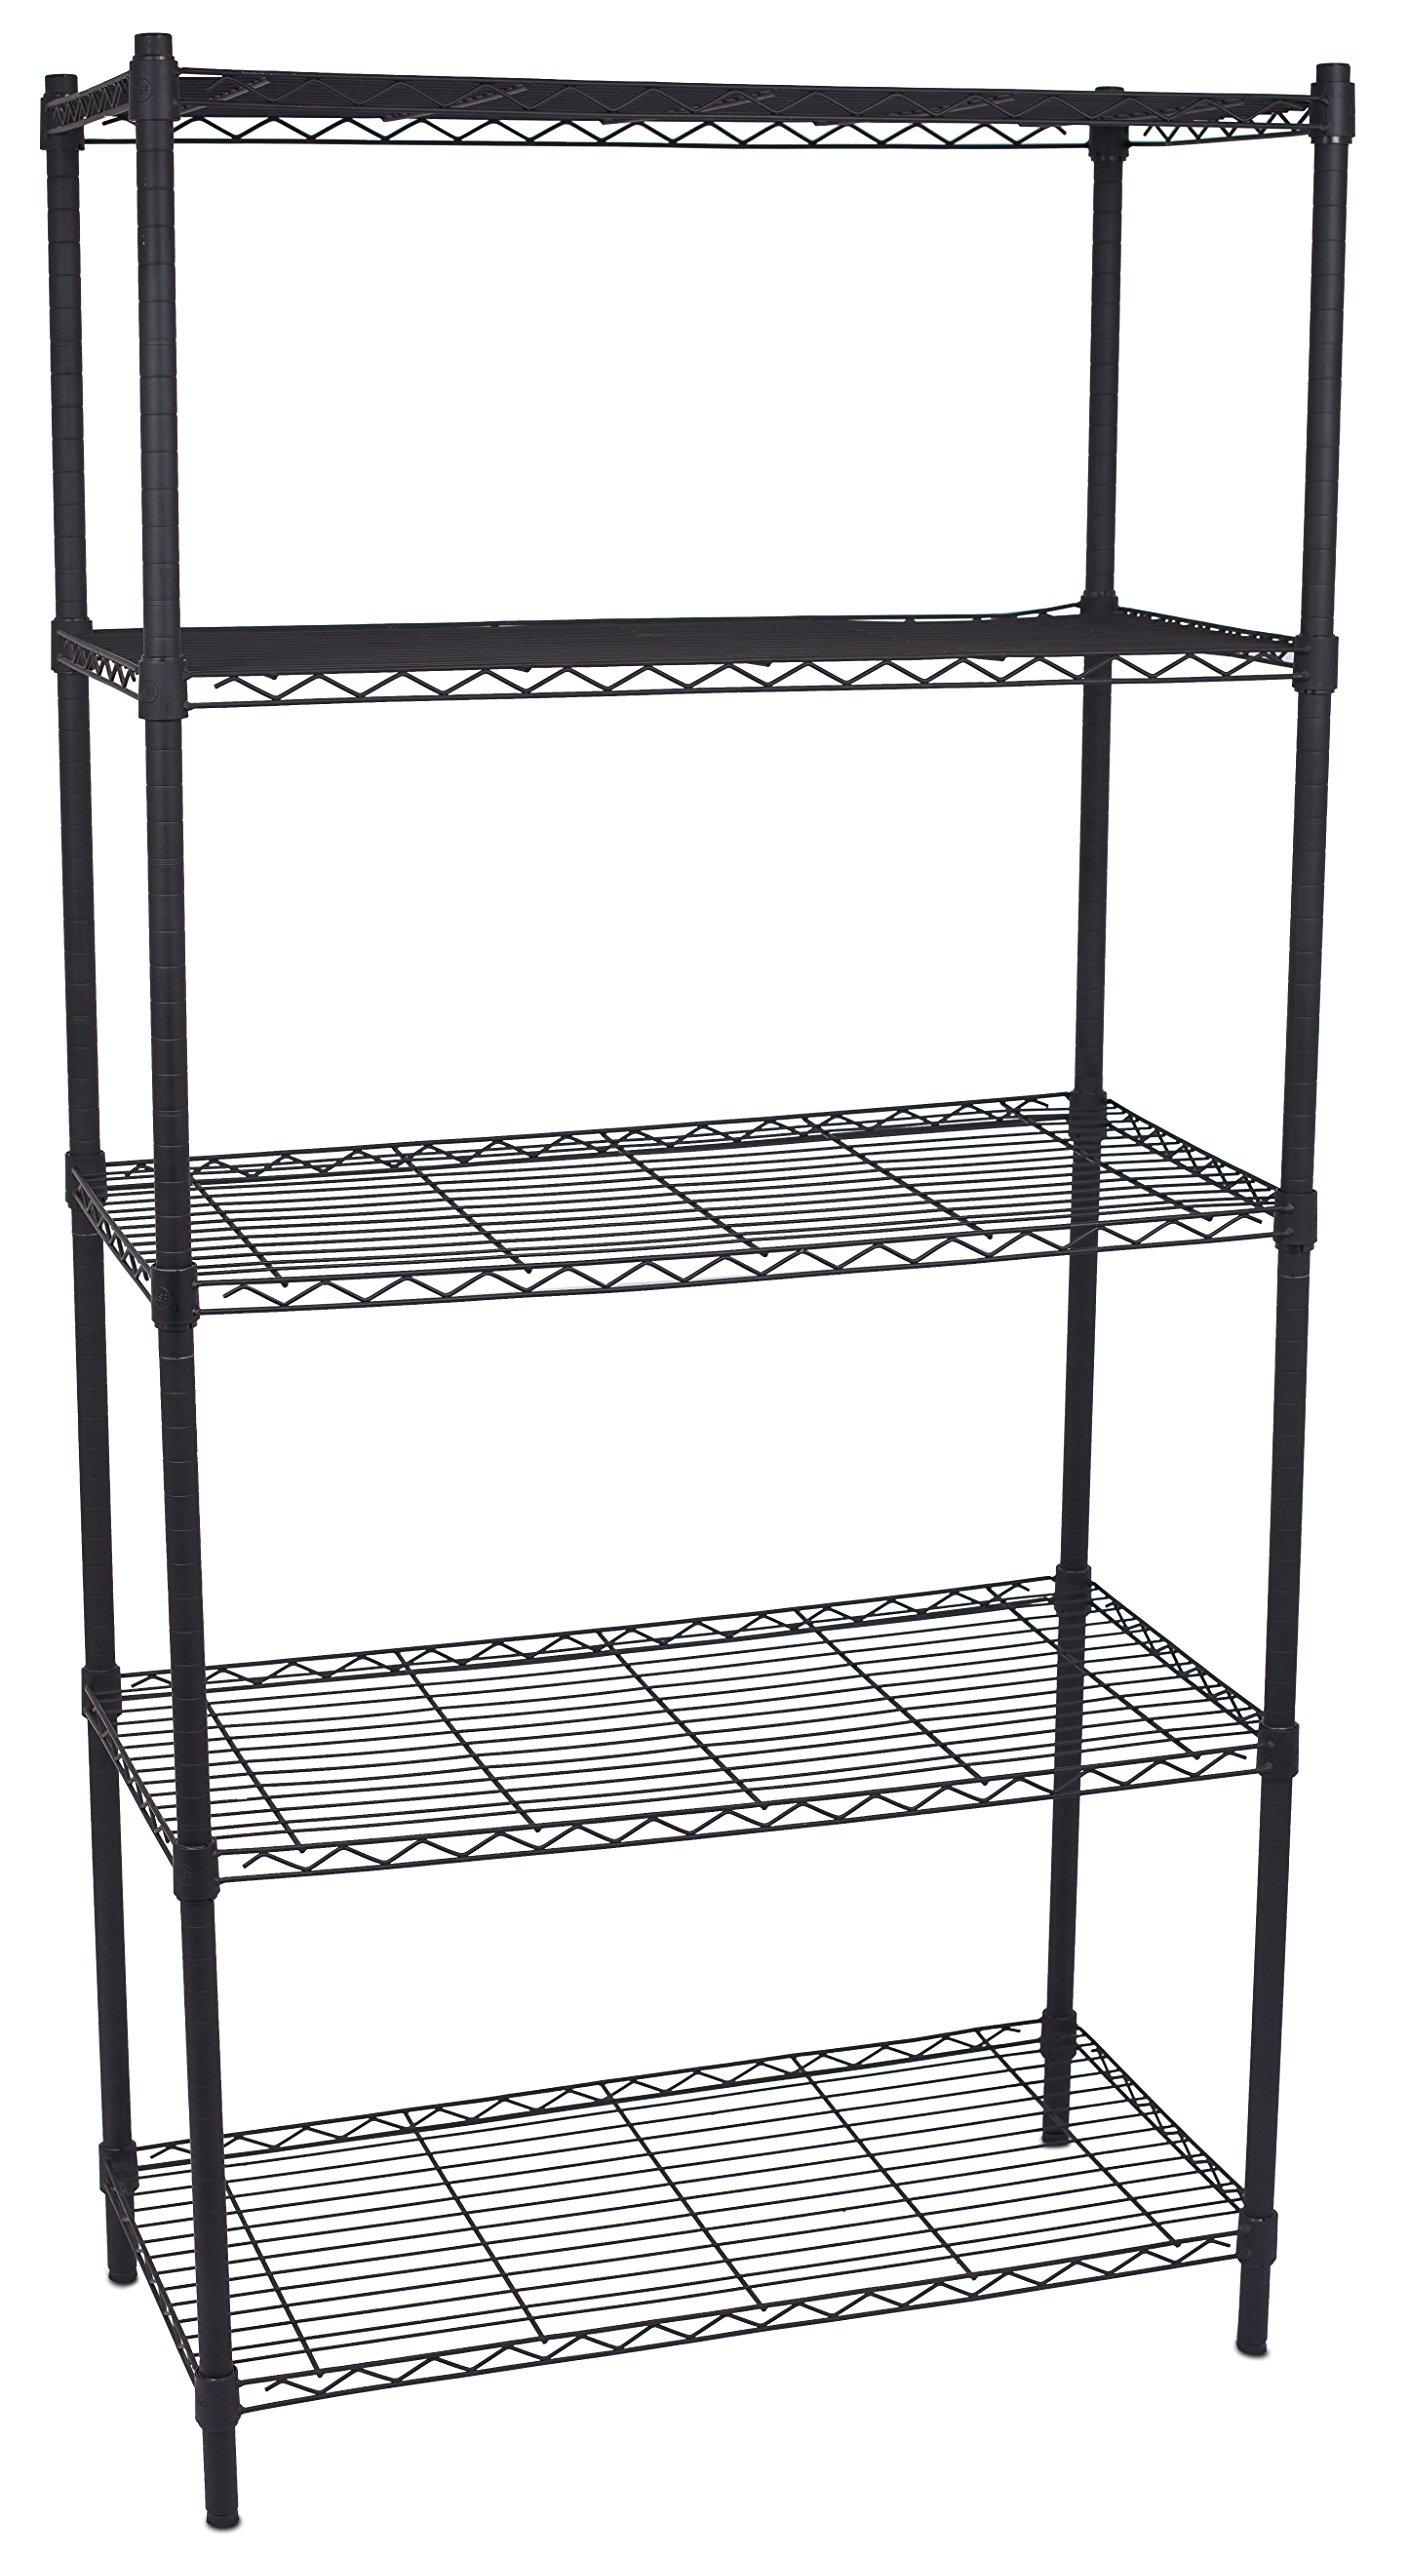 Internet's Best 5-Tier Wire Shelving - Flat Black - Heavy Duty Shelf - Wide Adjustable Rack Unit - Kitchen Storage by Internet's Best